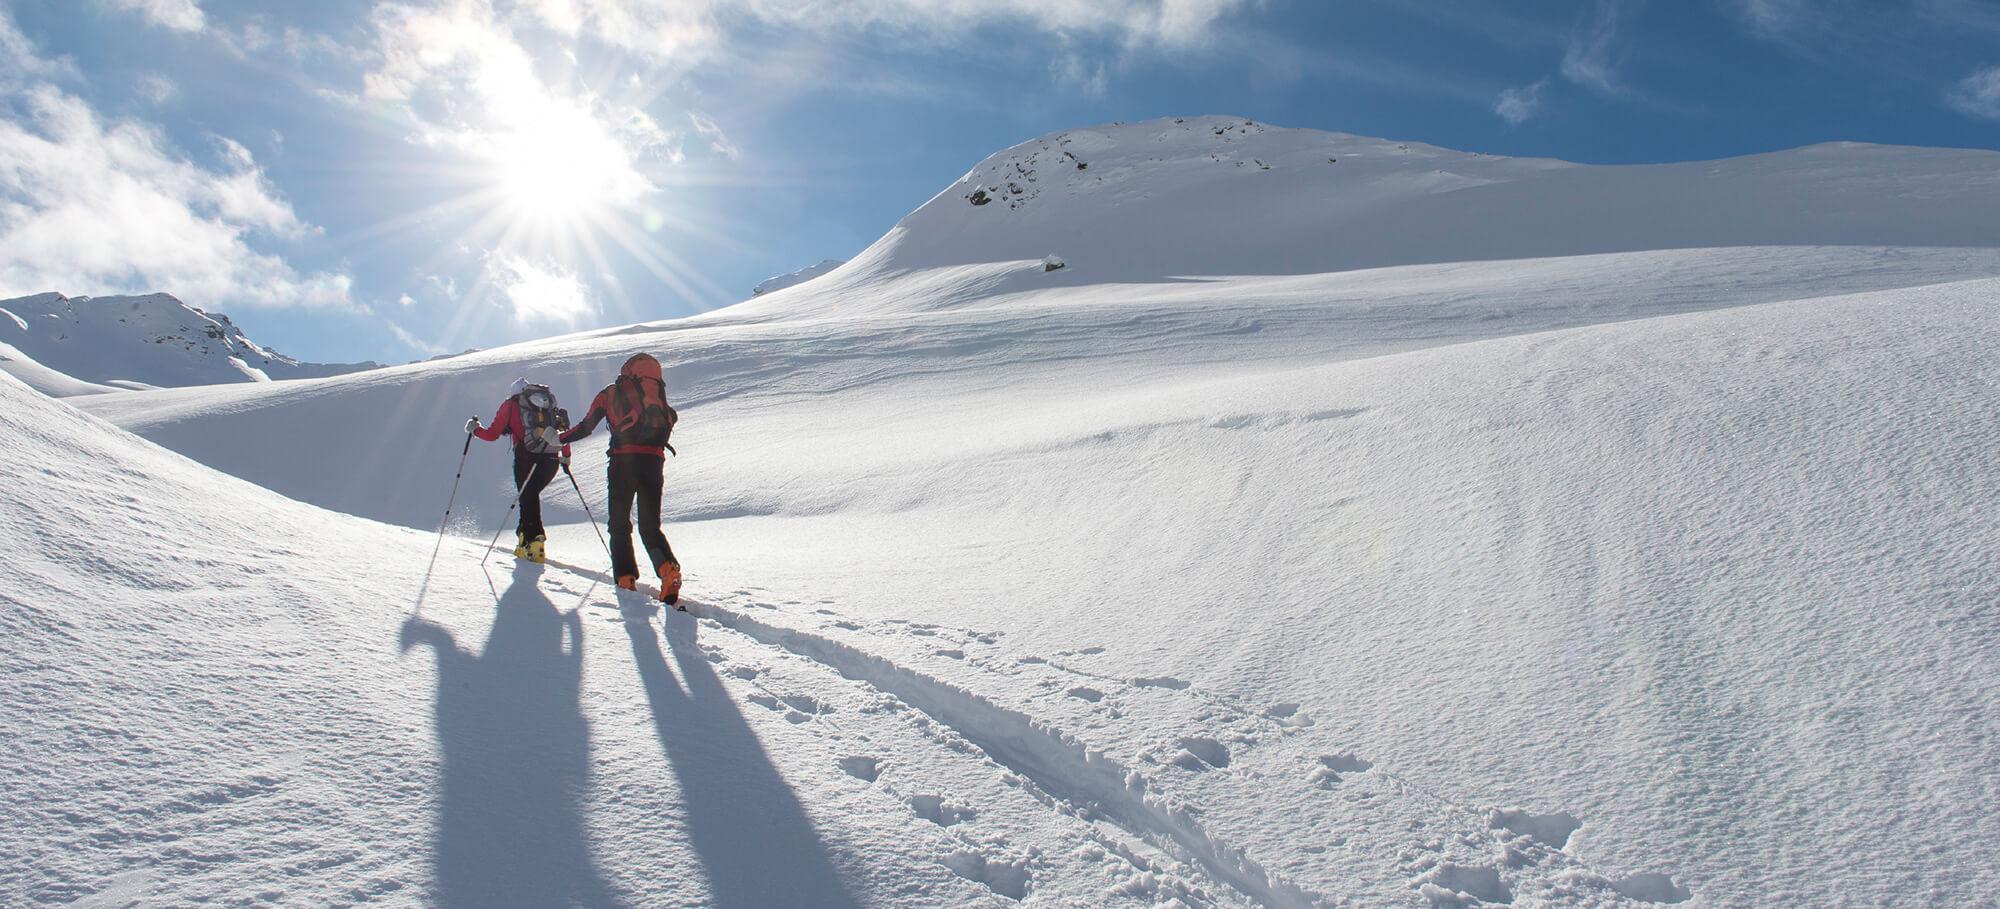 Zwei Skitourengeher in der verschneiten Landschaft